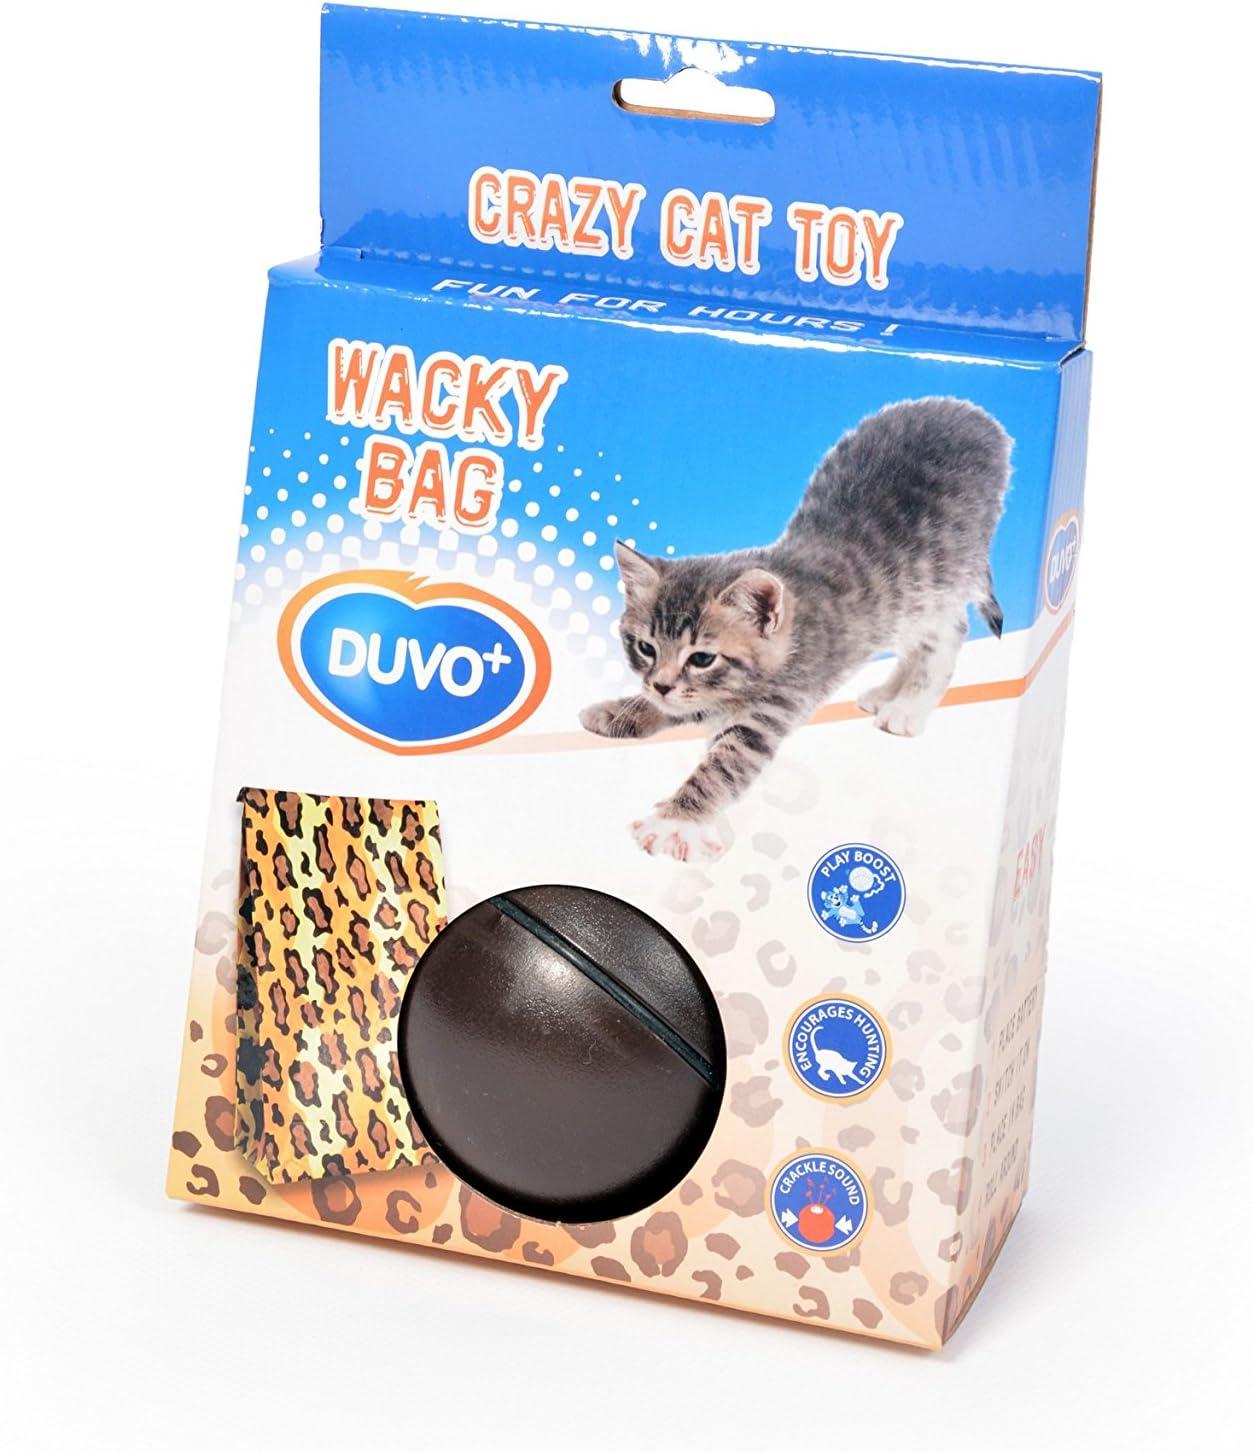 DUVO 7517043 Bola Loca con Bolsa Wacky Bag, 8.5 cm: Amazon.es ...